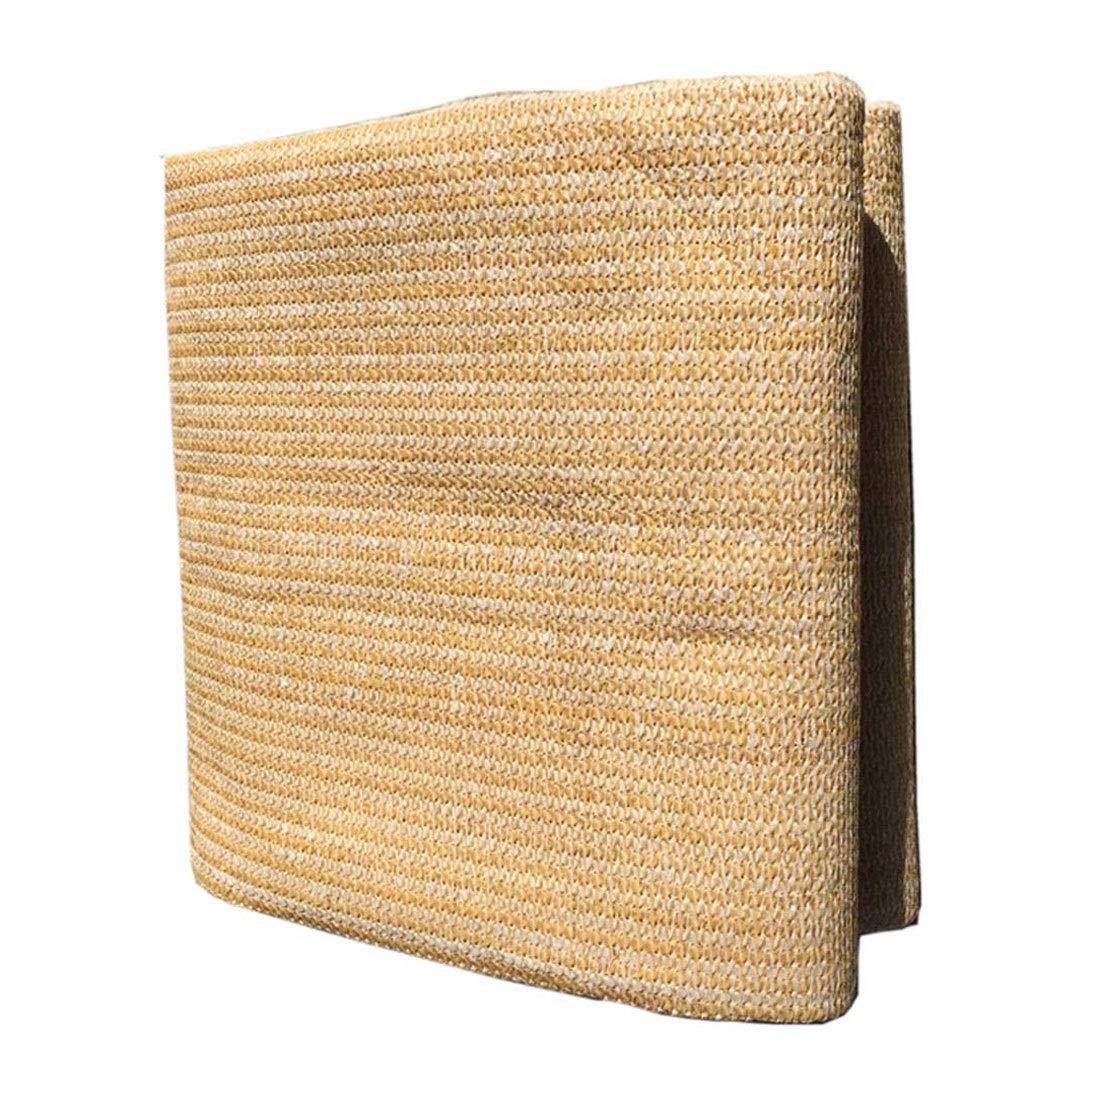 シェードセイル シェード布シェードネット グロメット付き日よけ布70%日焼け止め用温室シェードネット8 X 6m UVブロック日よけ屋外庭用植物園デッキ施設アクティビティ日よけテント、小麦複数サイズ UVプロテクション サイズ任意 (Size : 3.5x4M(11.5x13.1ft)) B07V9YMDB5  3.5x4M(11.5x13.1ft)